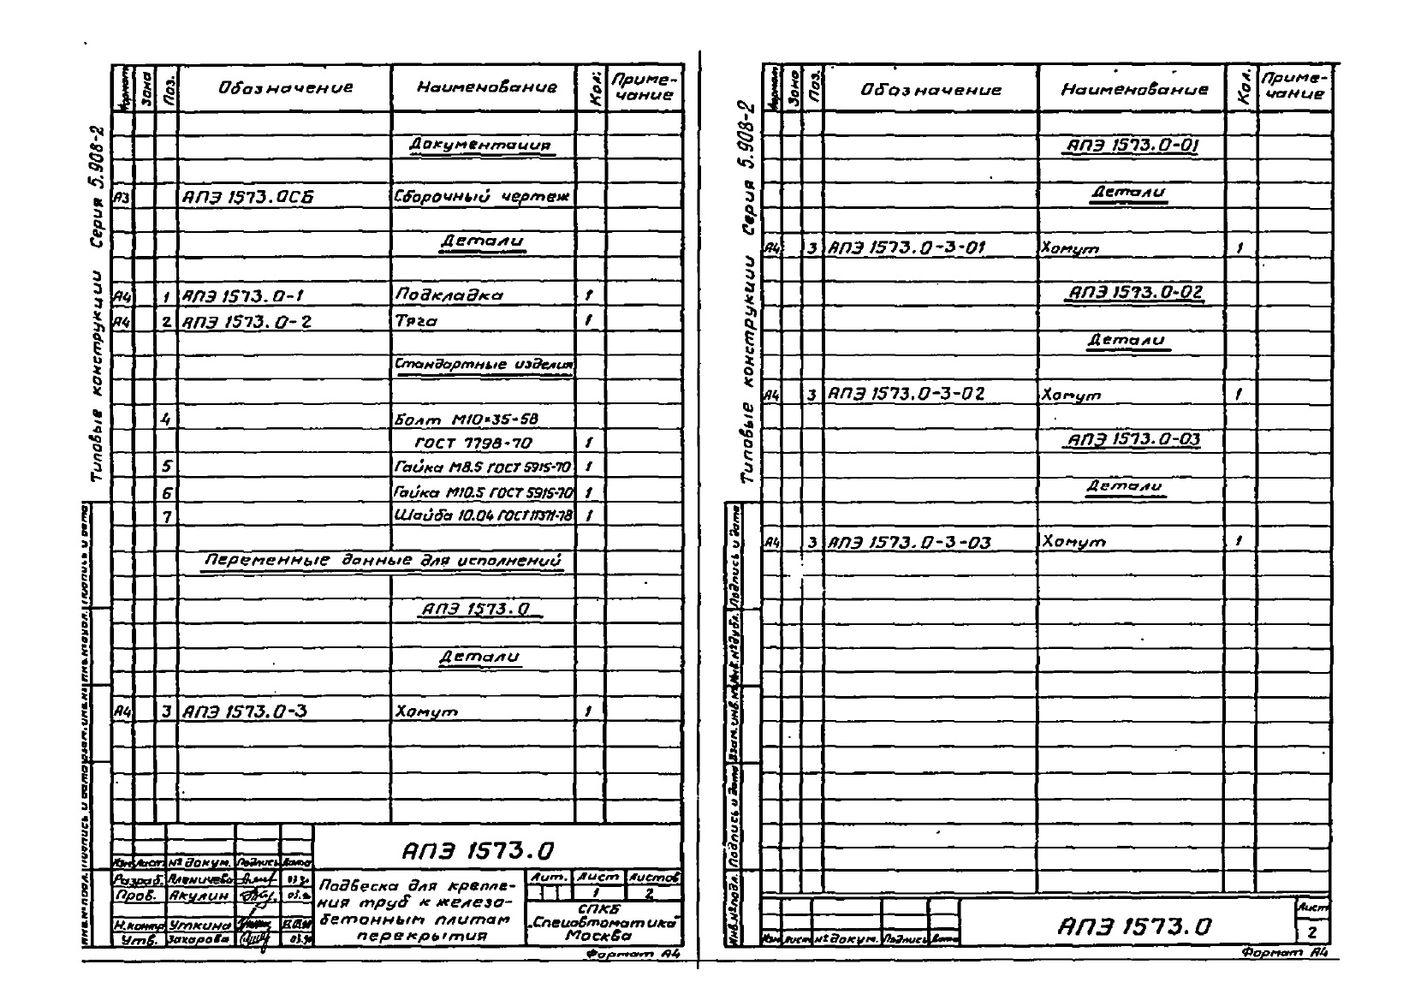 Подвеска АПЭ 1573.0 серия 5.908-2 стр.2